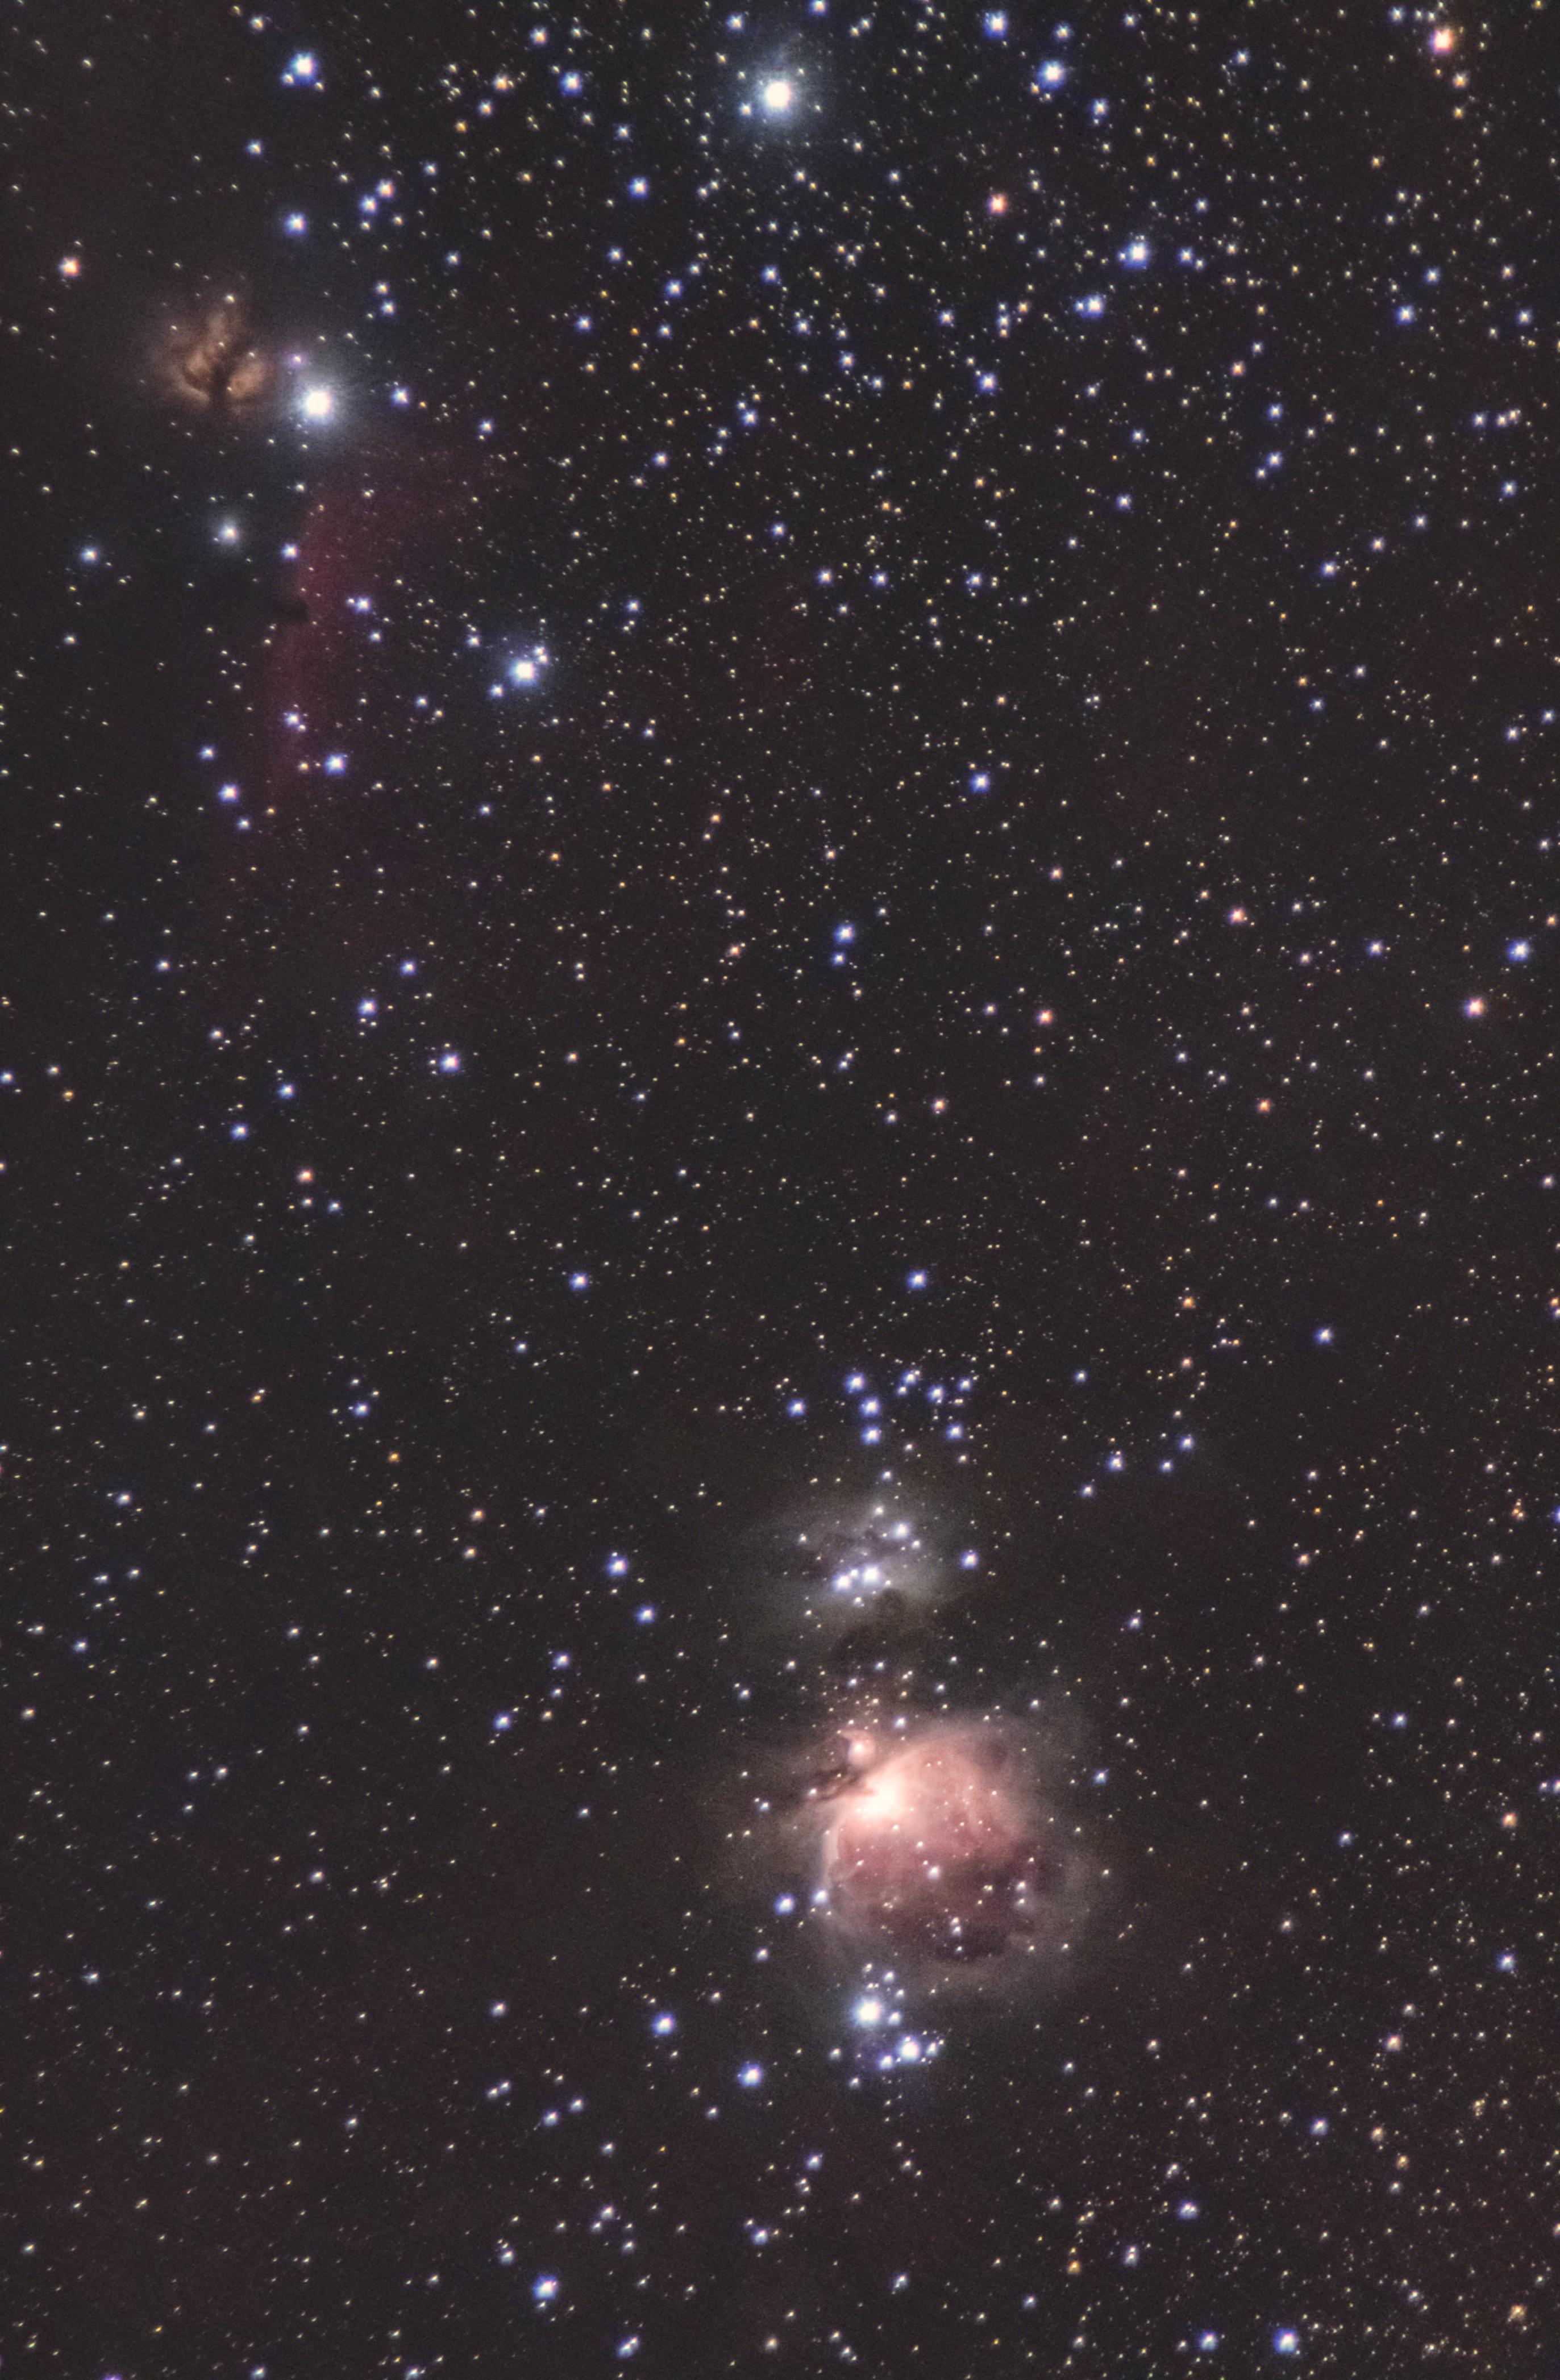 M42_IC434_08.01.16_fertig3